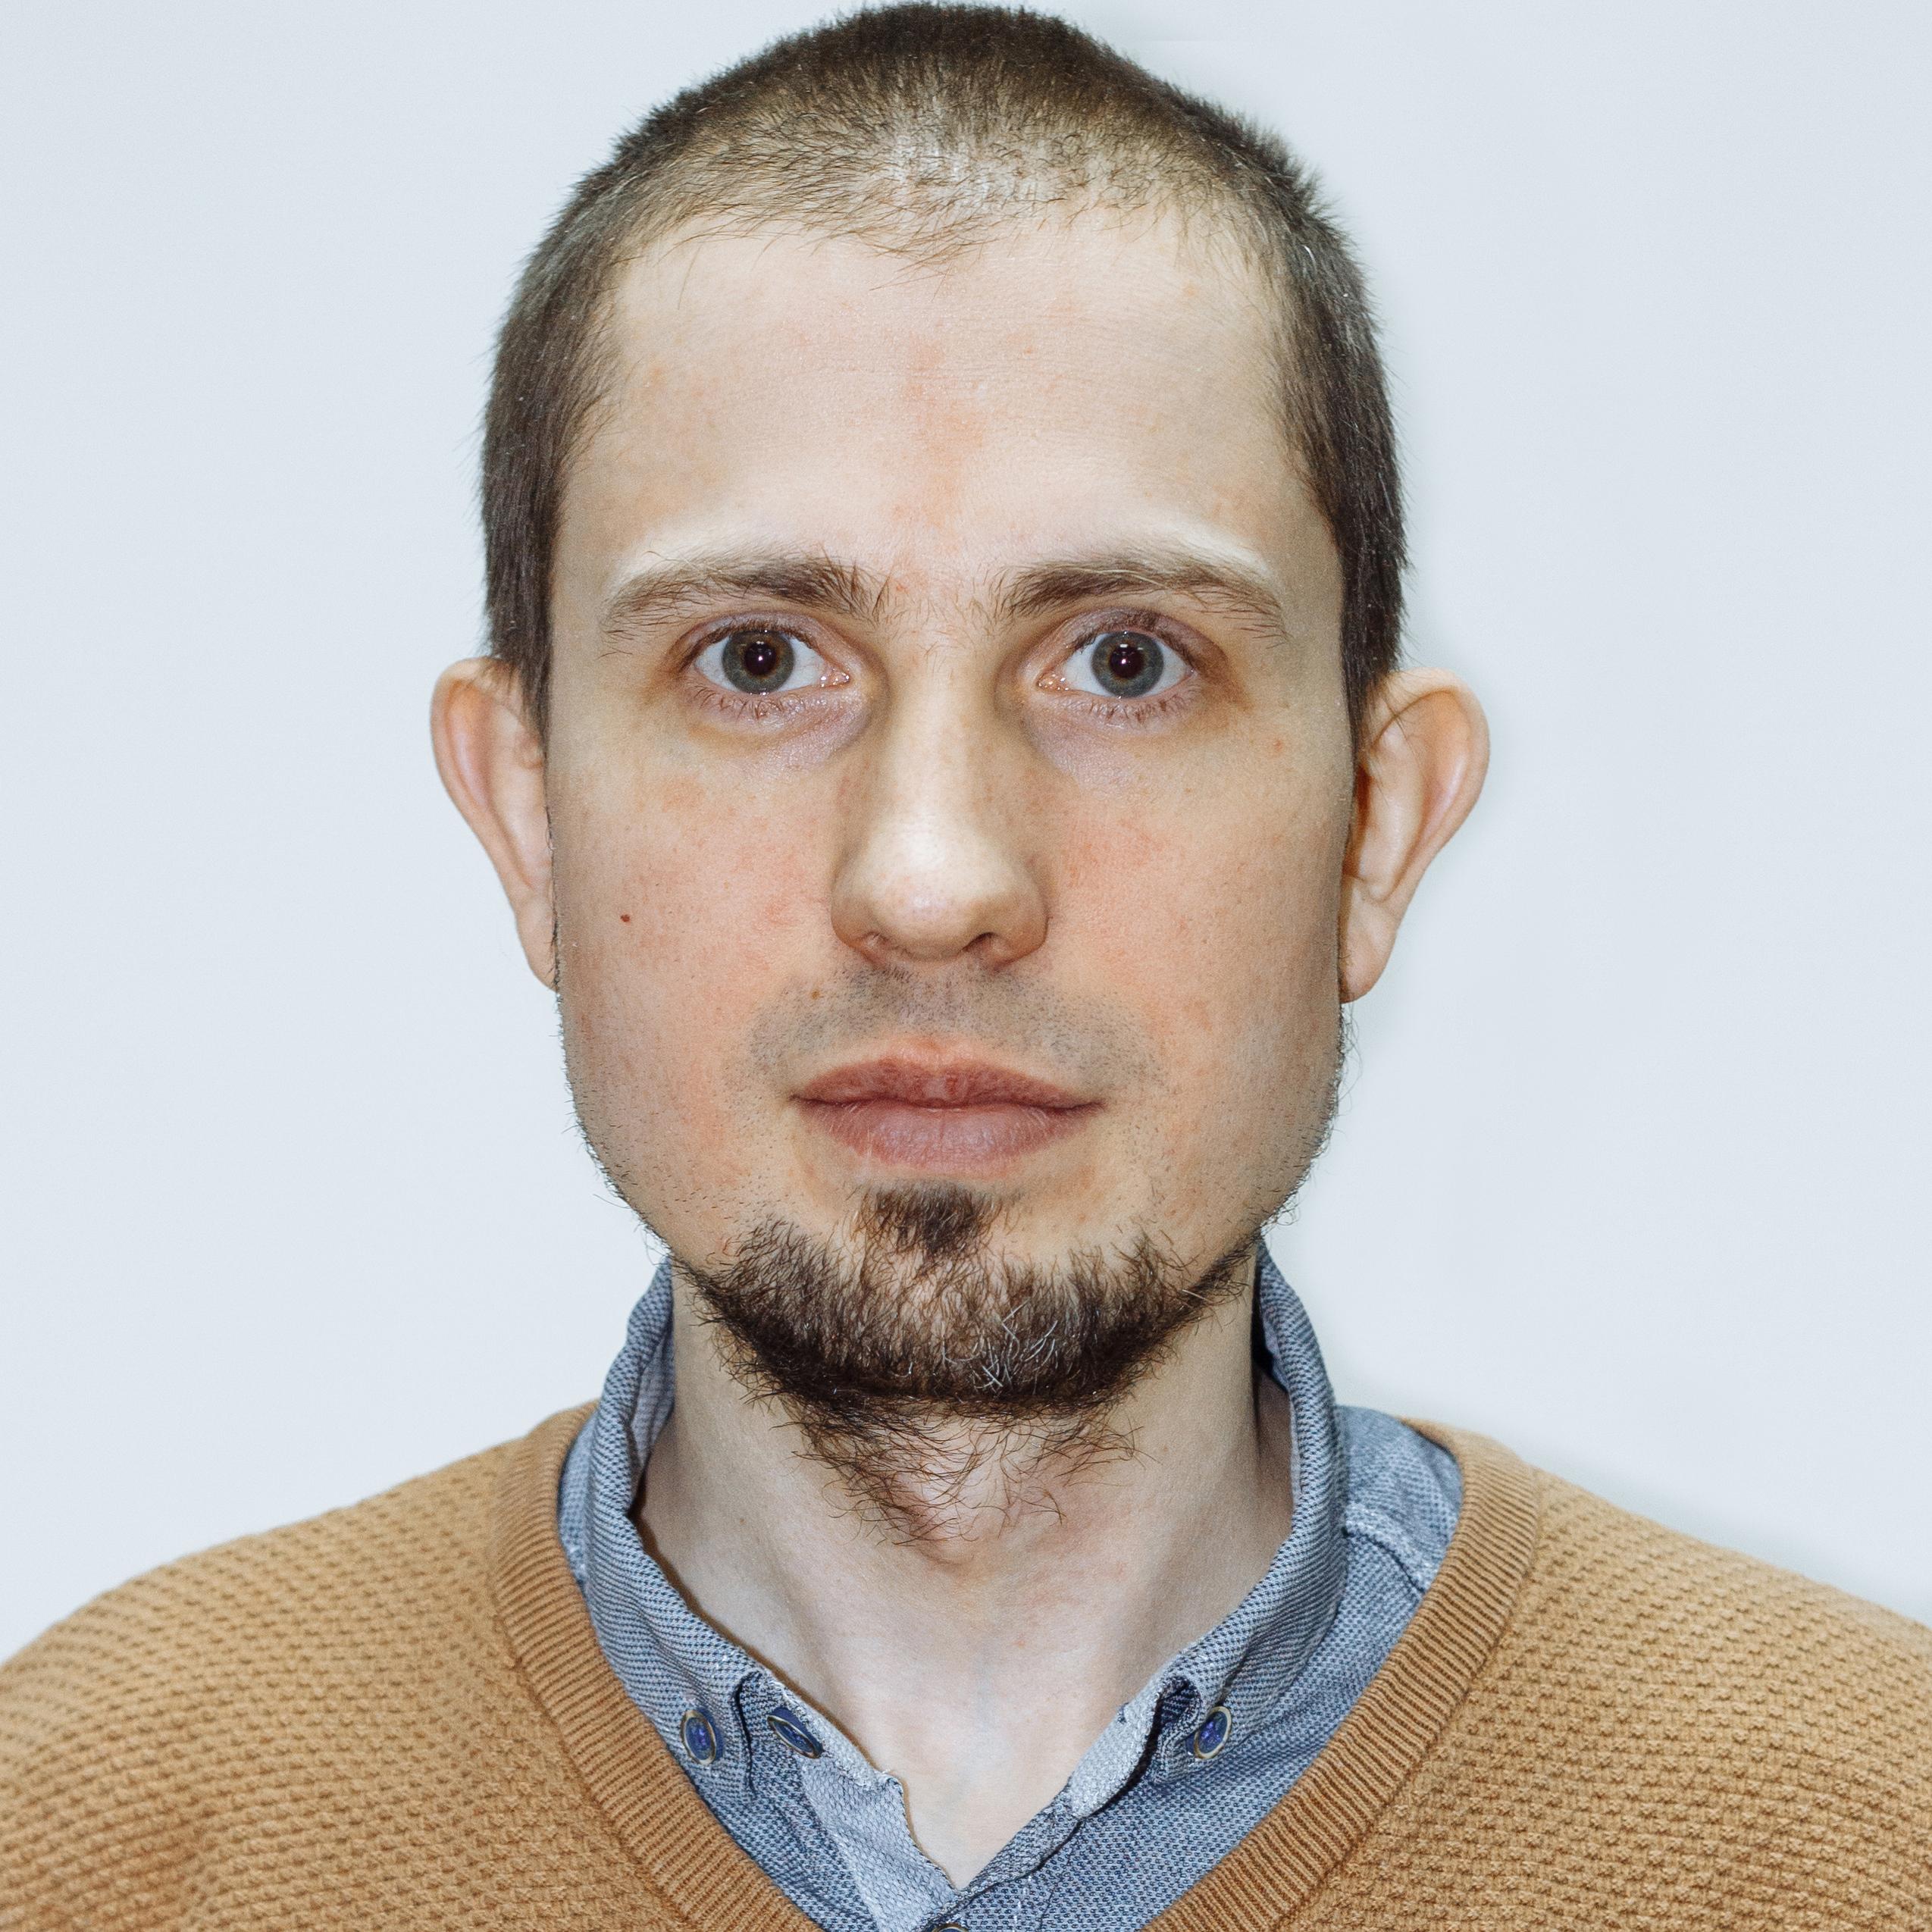 Емельянов Александр Владимирович